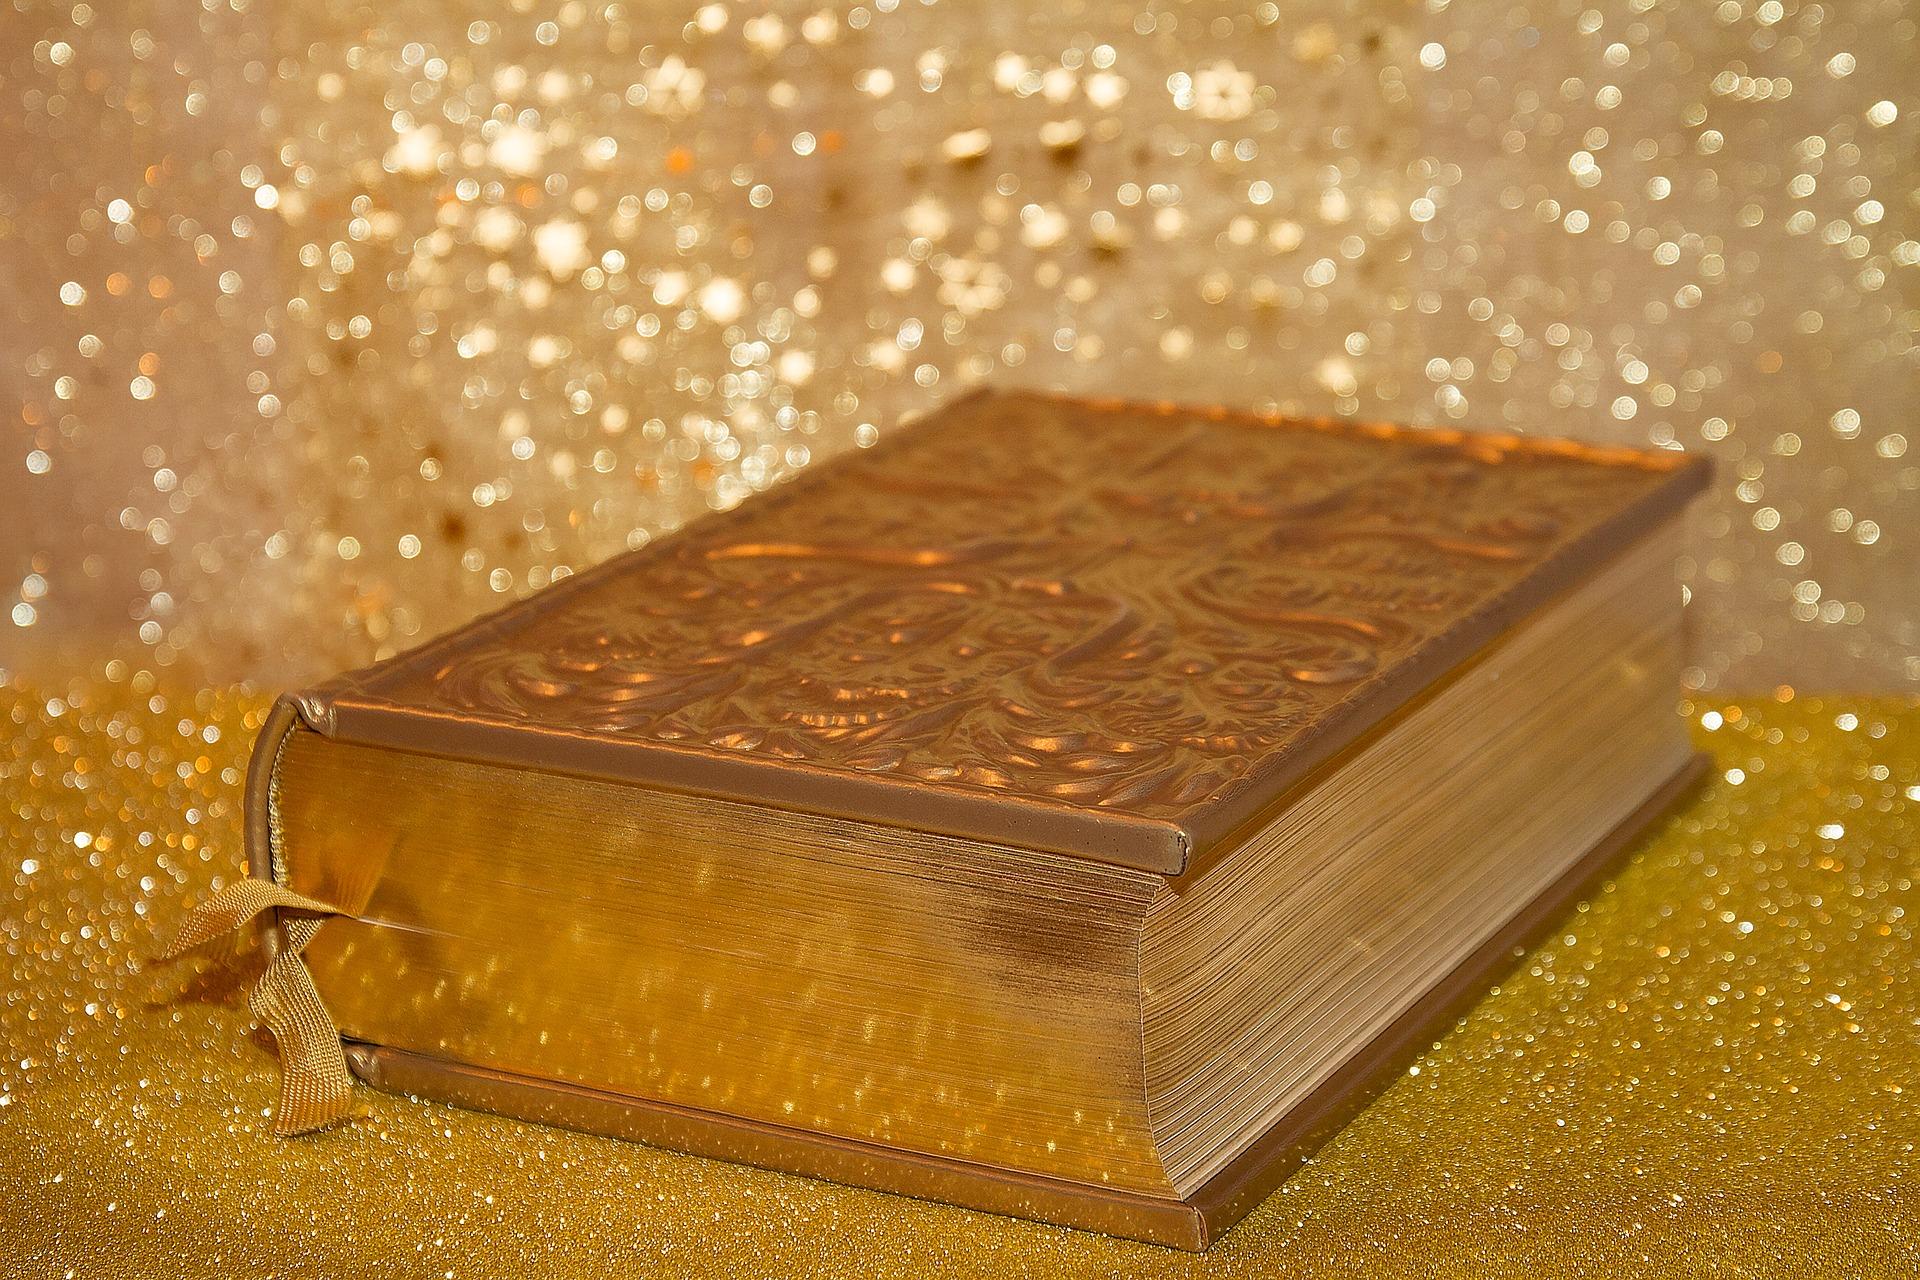 Stellvertretende Reisen als Medium / Dein Seelenbuch